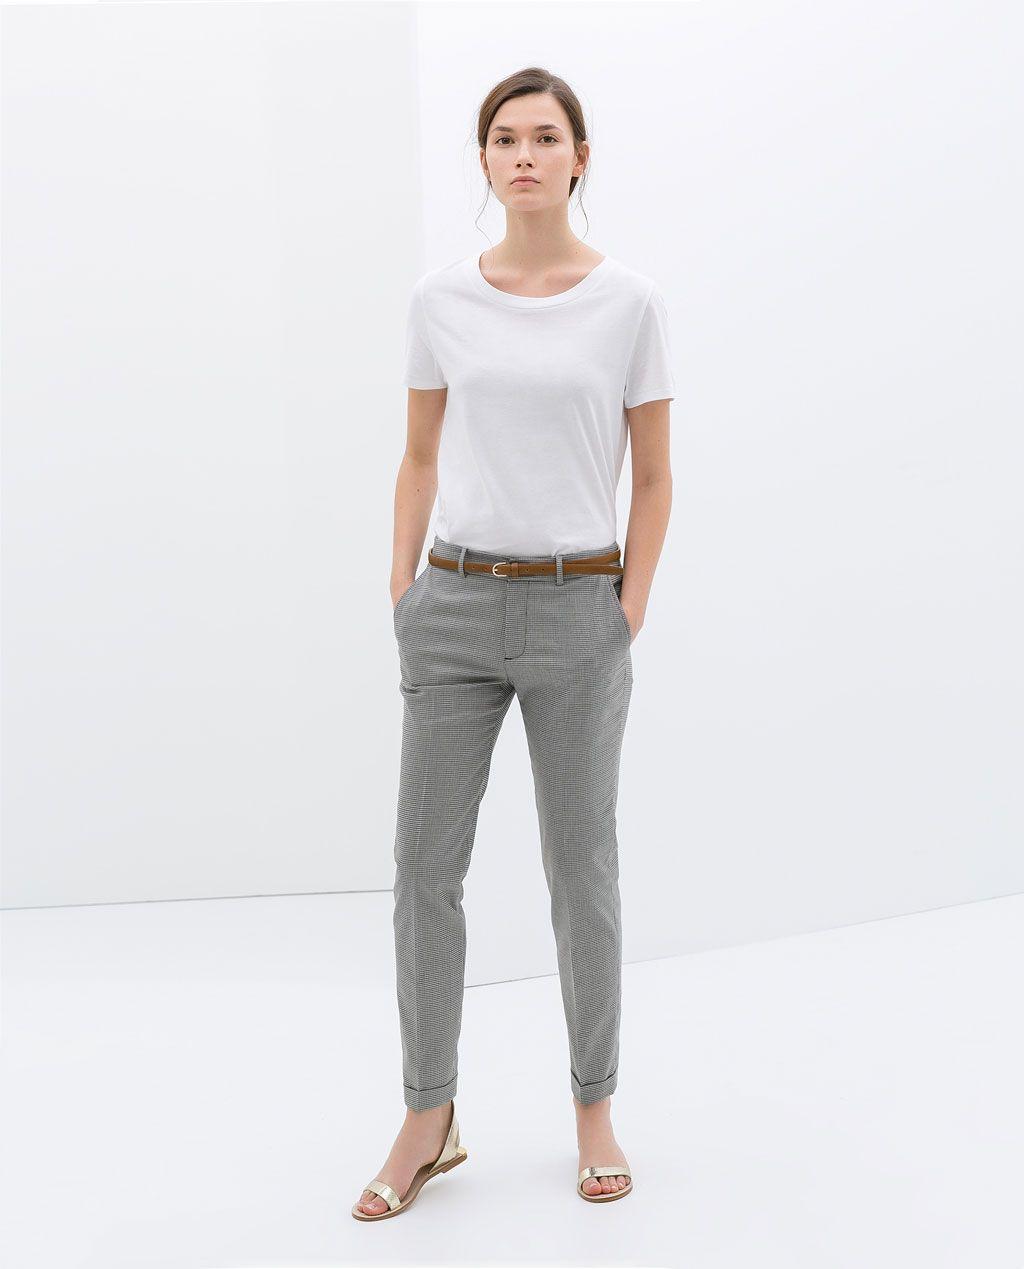 Poule Pied Femme Pantalon De Pantalones Zara Fashion Motif XqAPcz